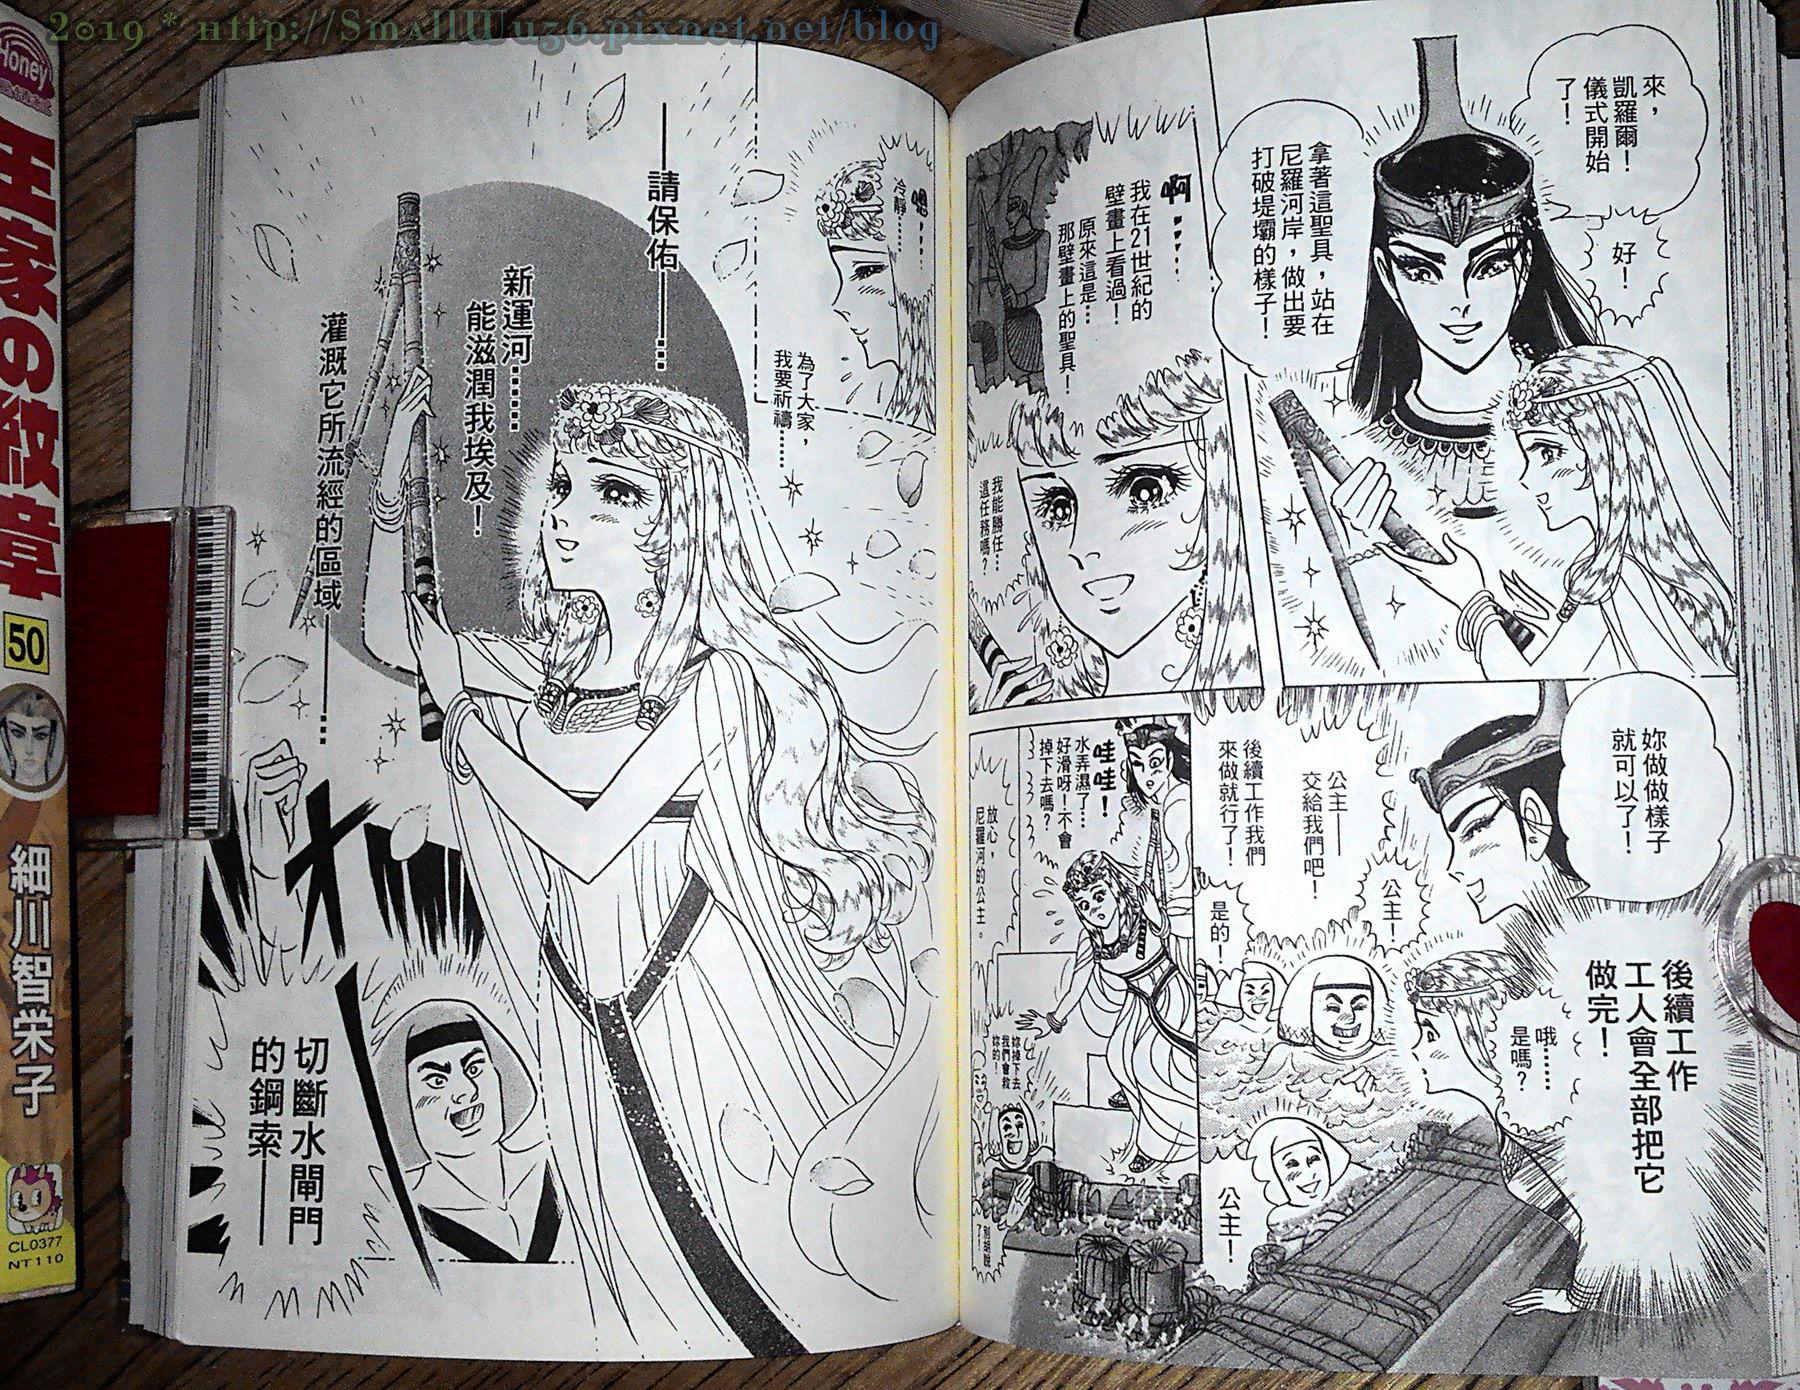 細川智榮子-王家的紋章(尼羅河女兒) 49-50 (長鴻)  vol_48-2.jpg